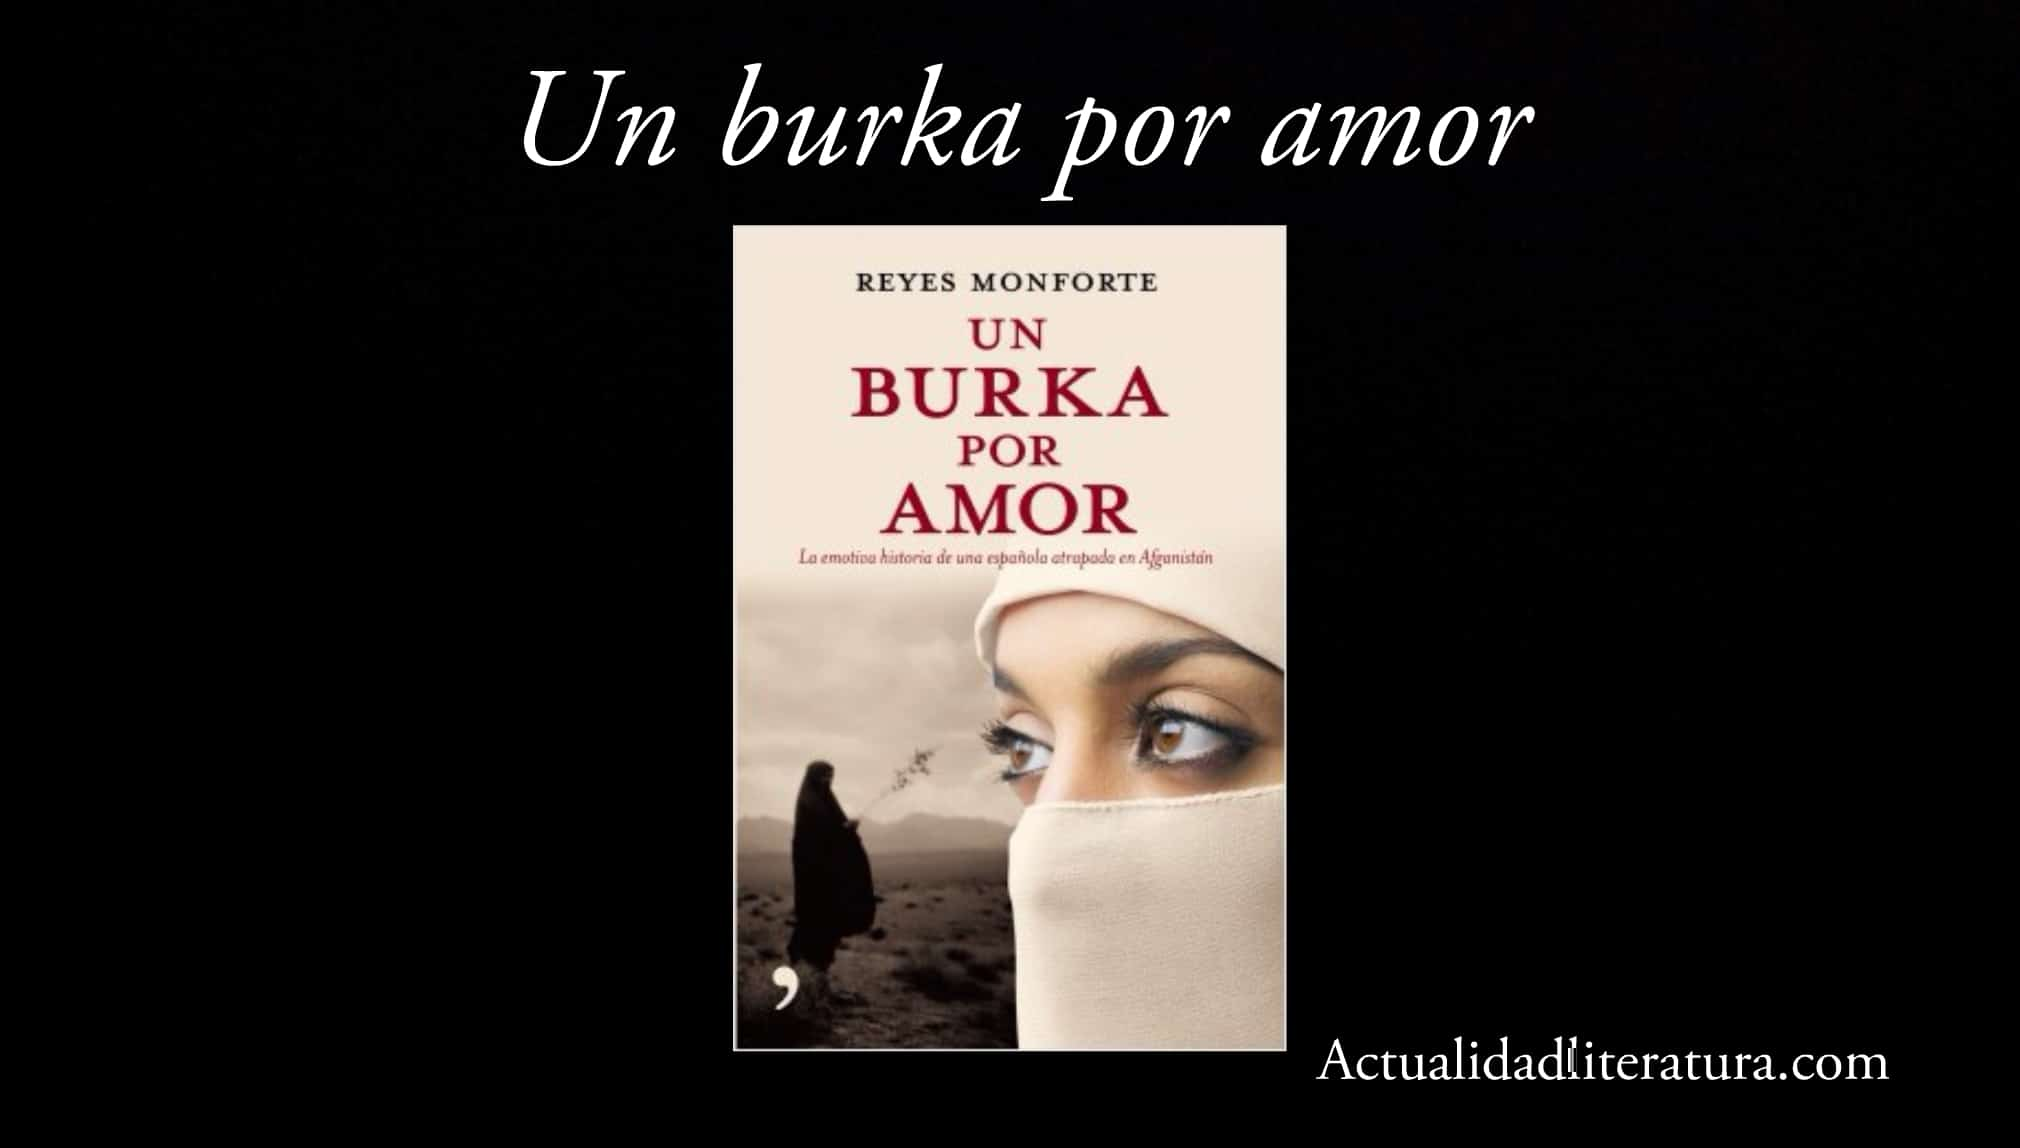 Una burka por amor.